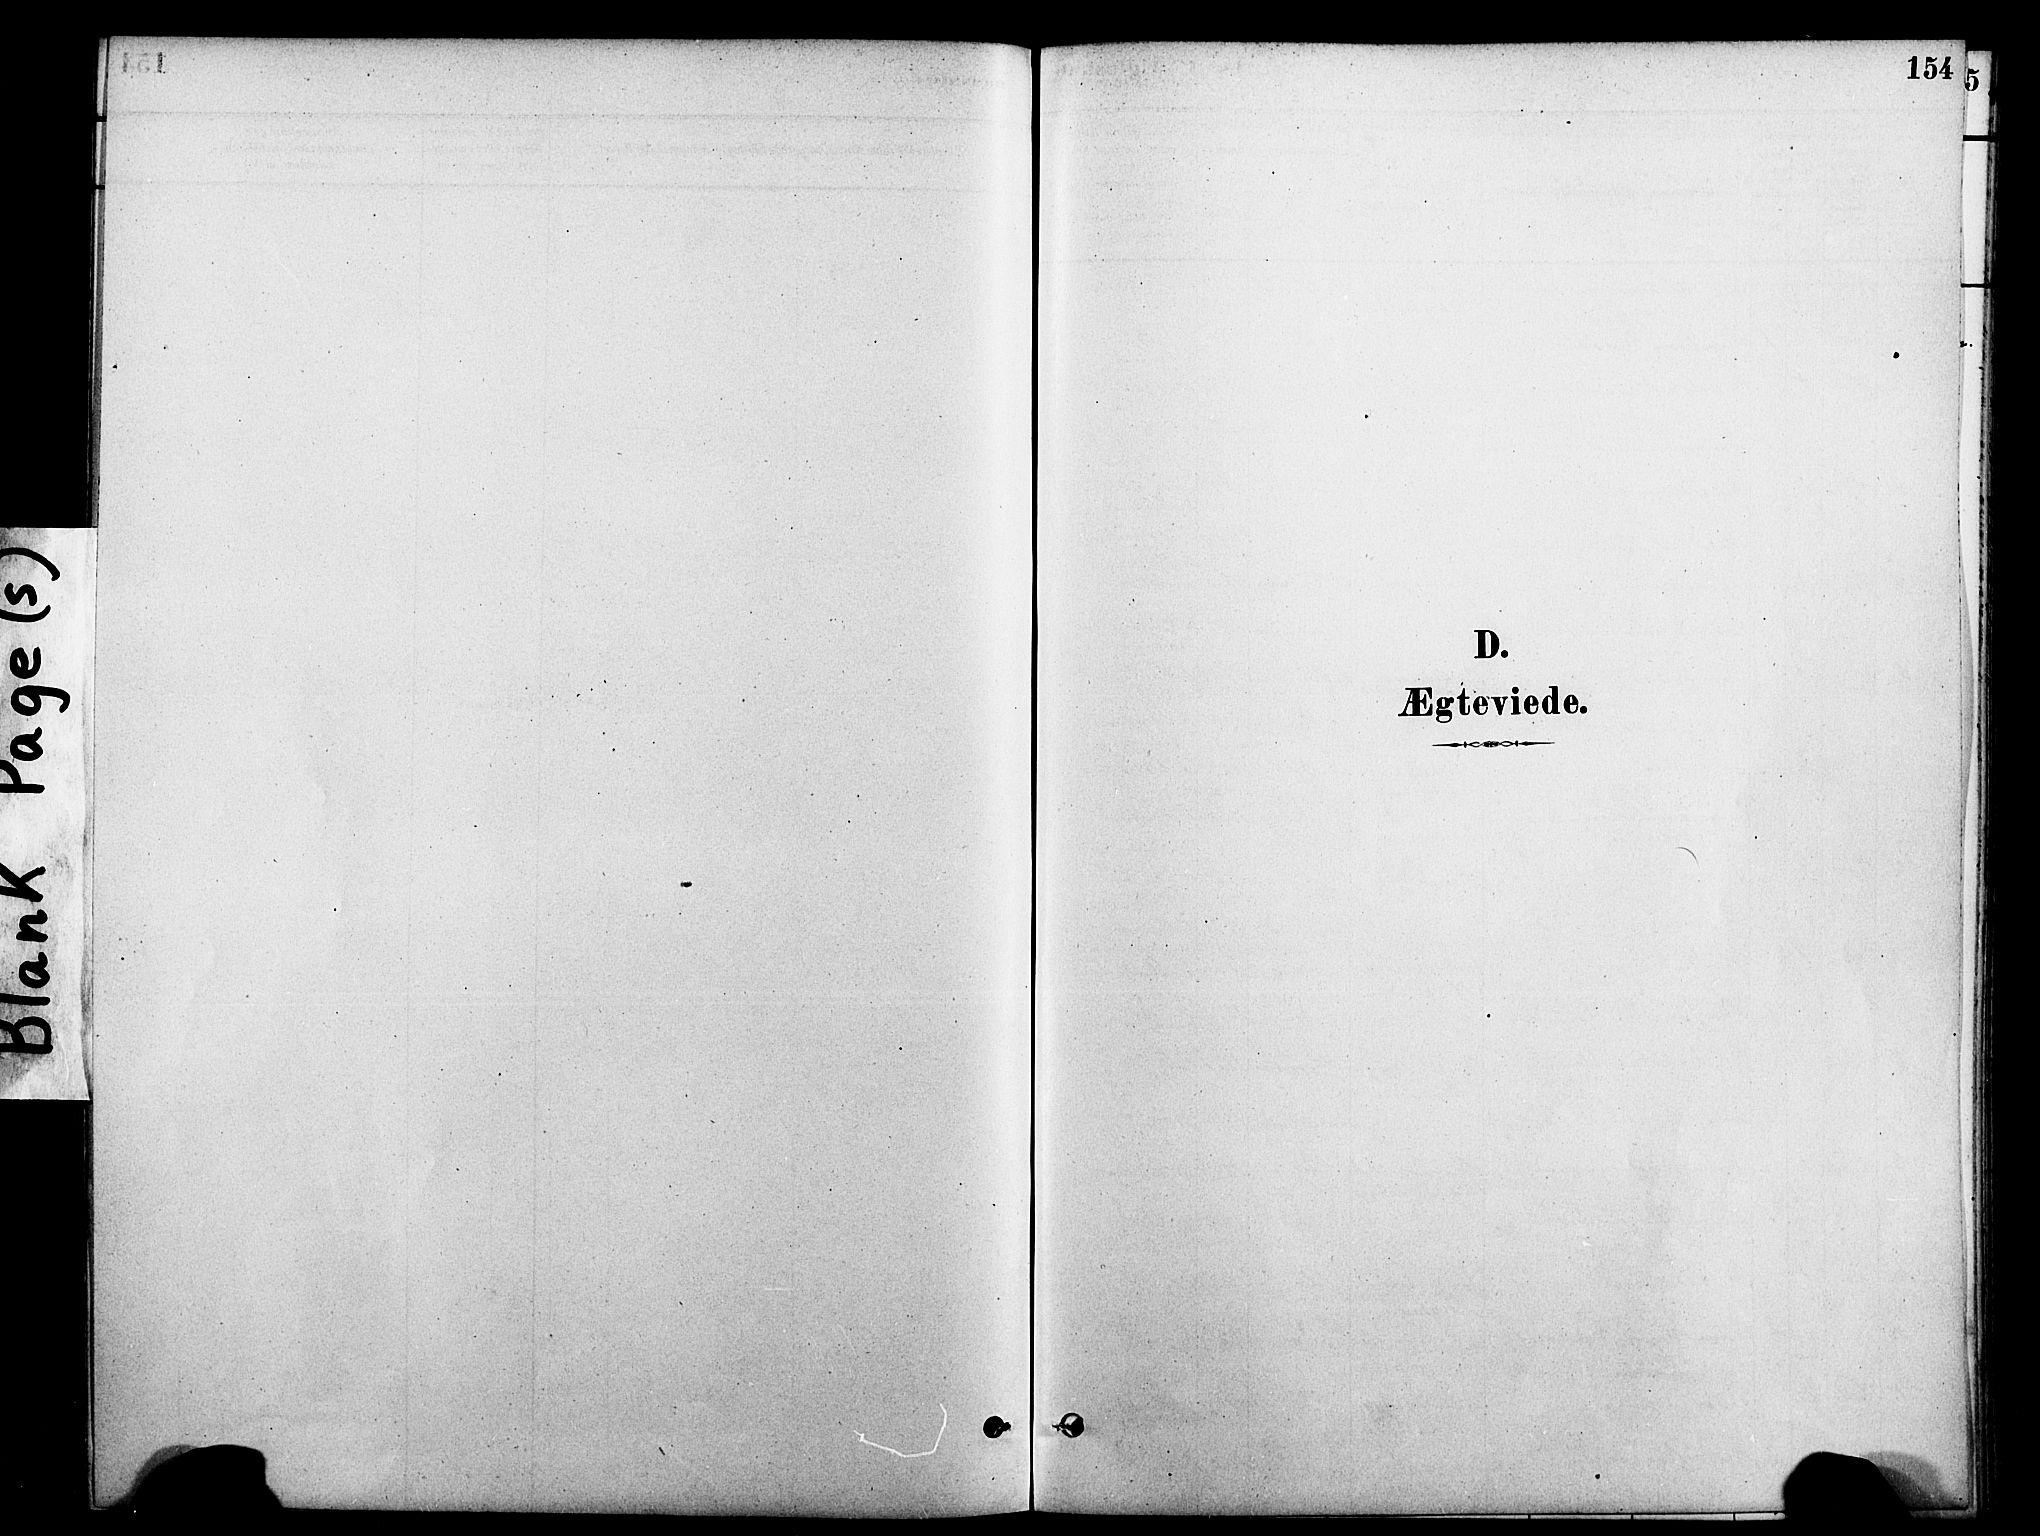 SAT, Ministerialprotokoller, klokkerbøker og fødselsregistre - Nord-Trøndelag, 712/L0100: Ministerialbok nr. 712A01, 1880-1900, s. 154